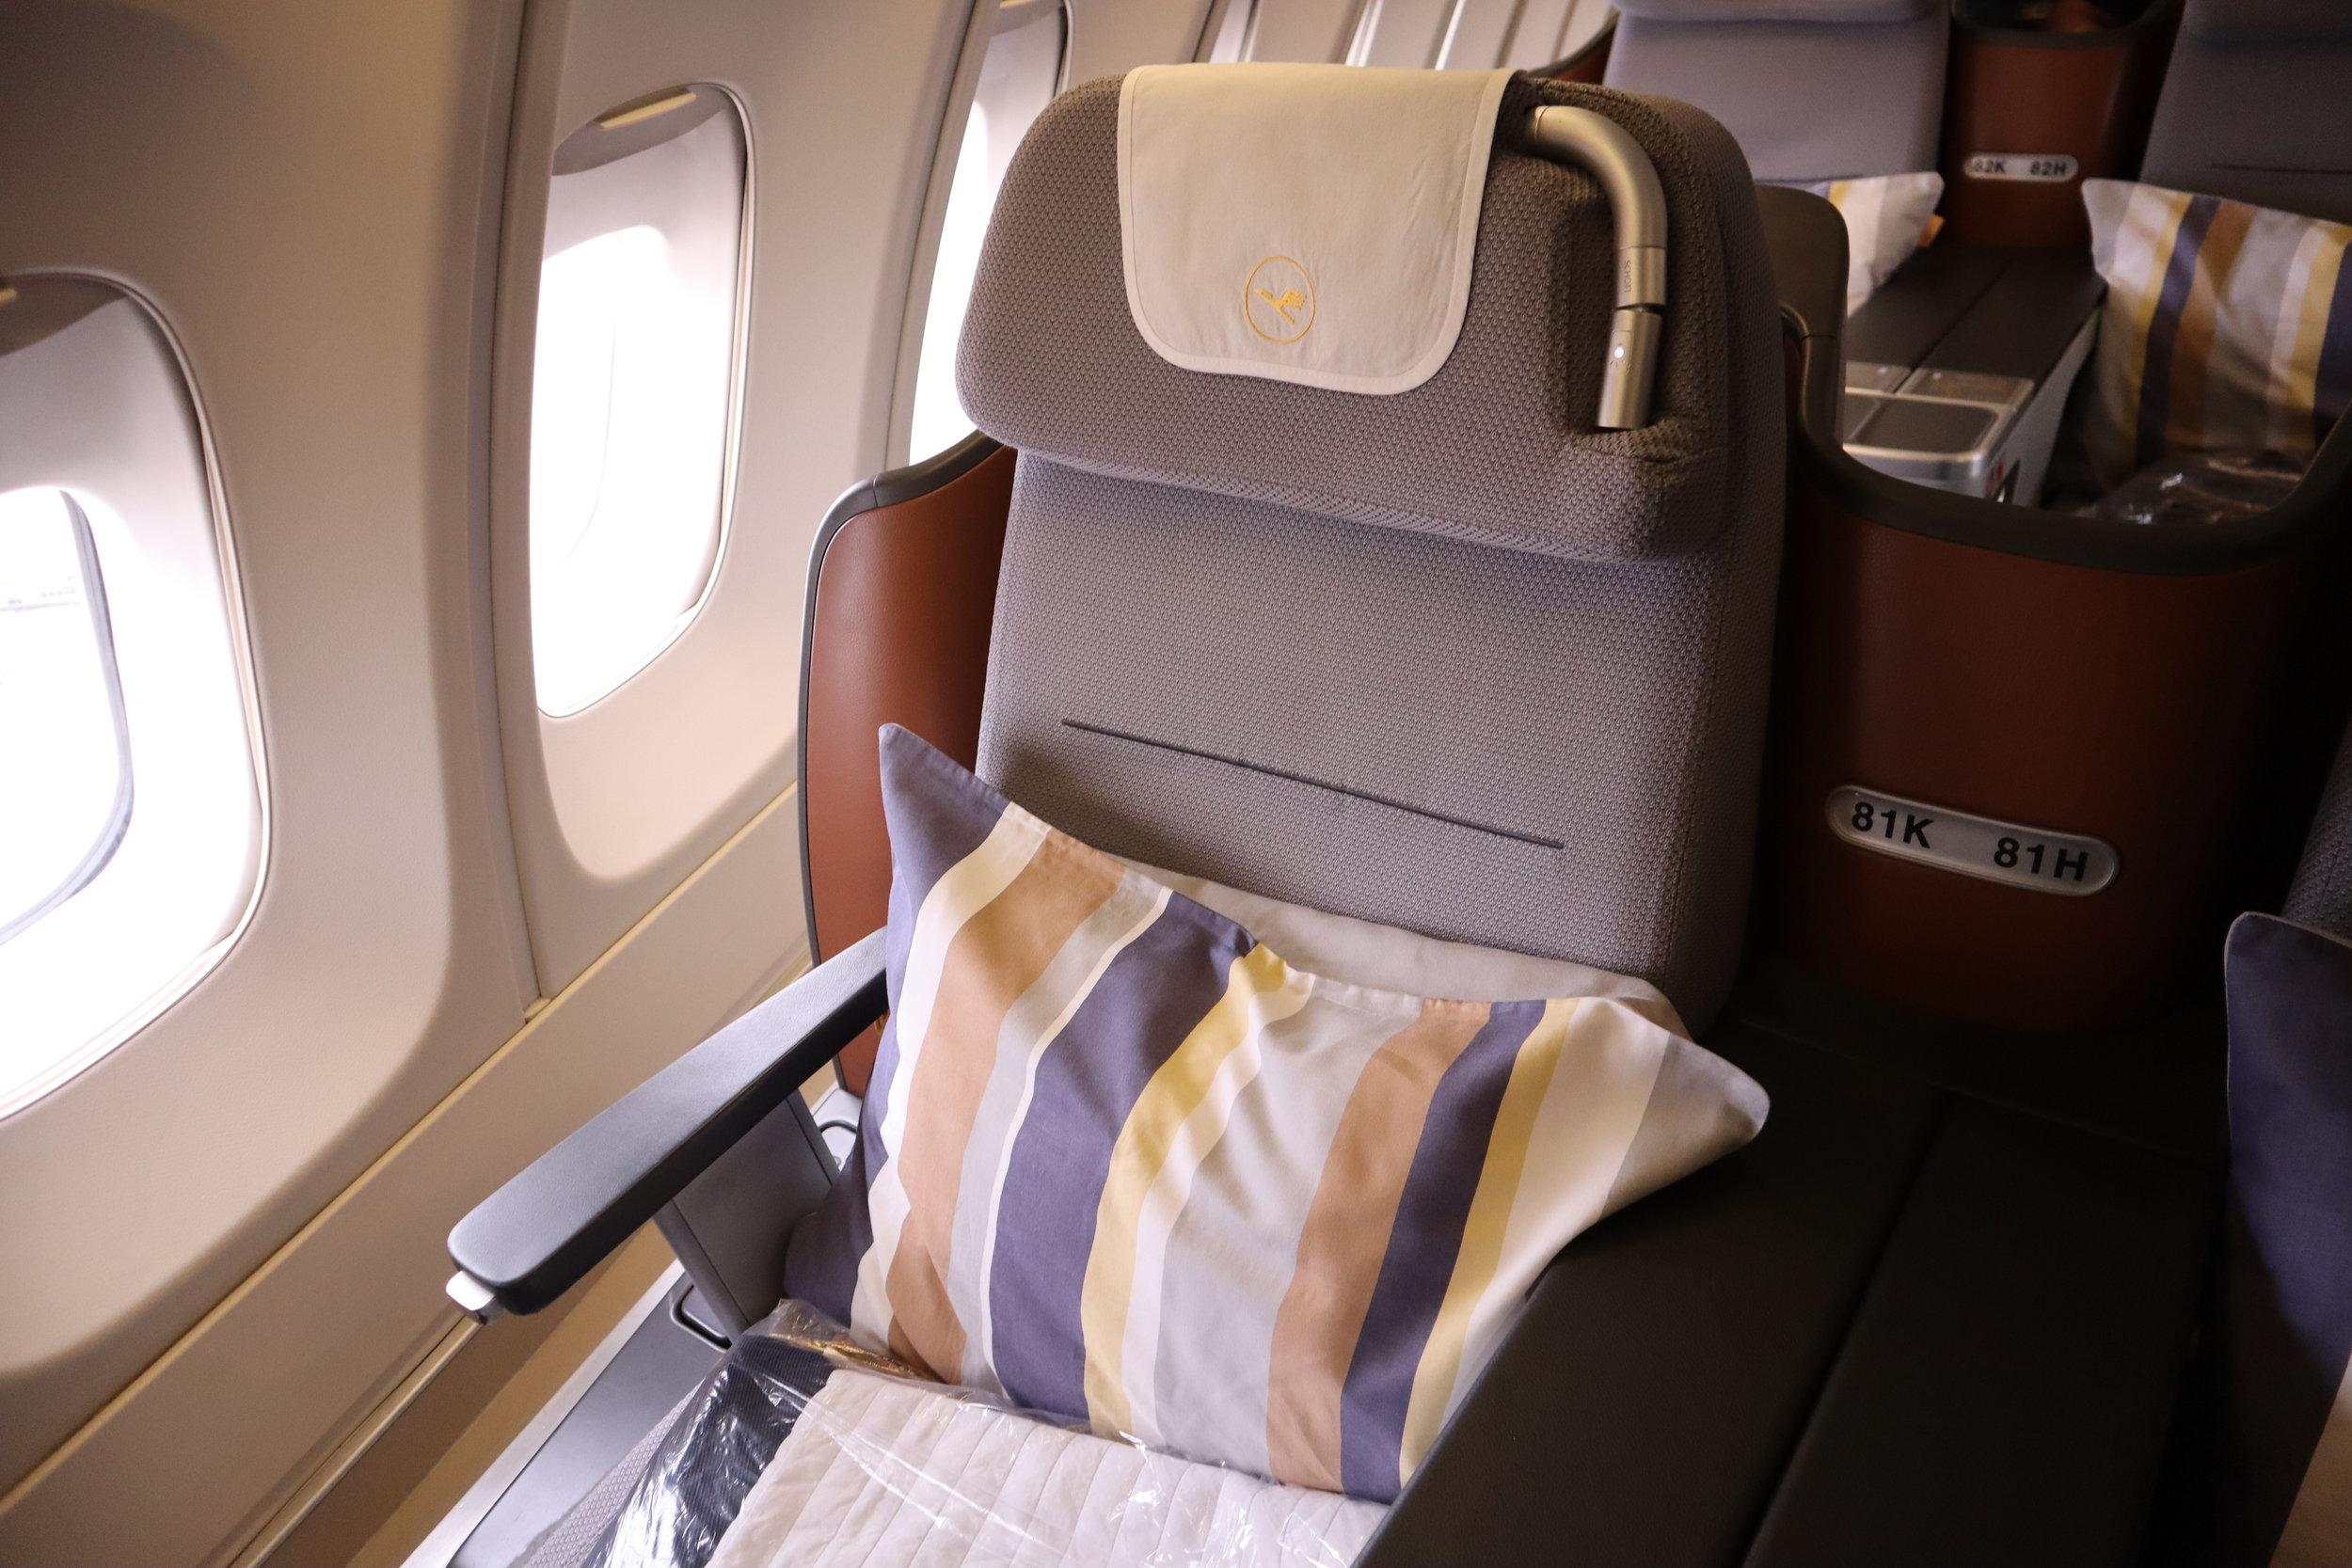 Lufthansa 747-400 business class – Seat 81K